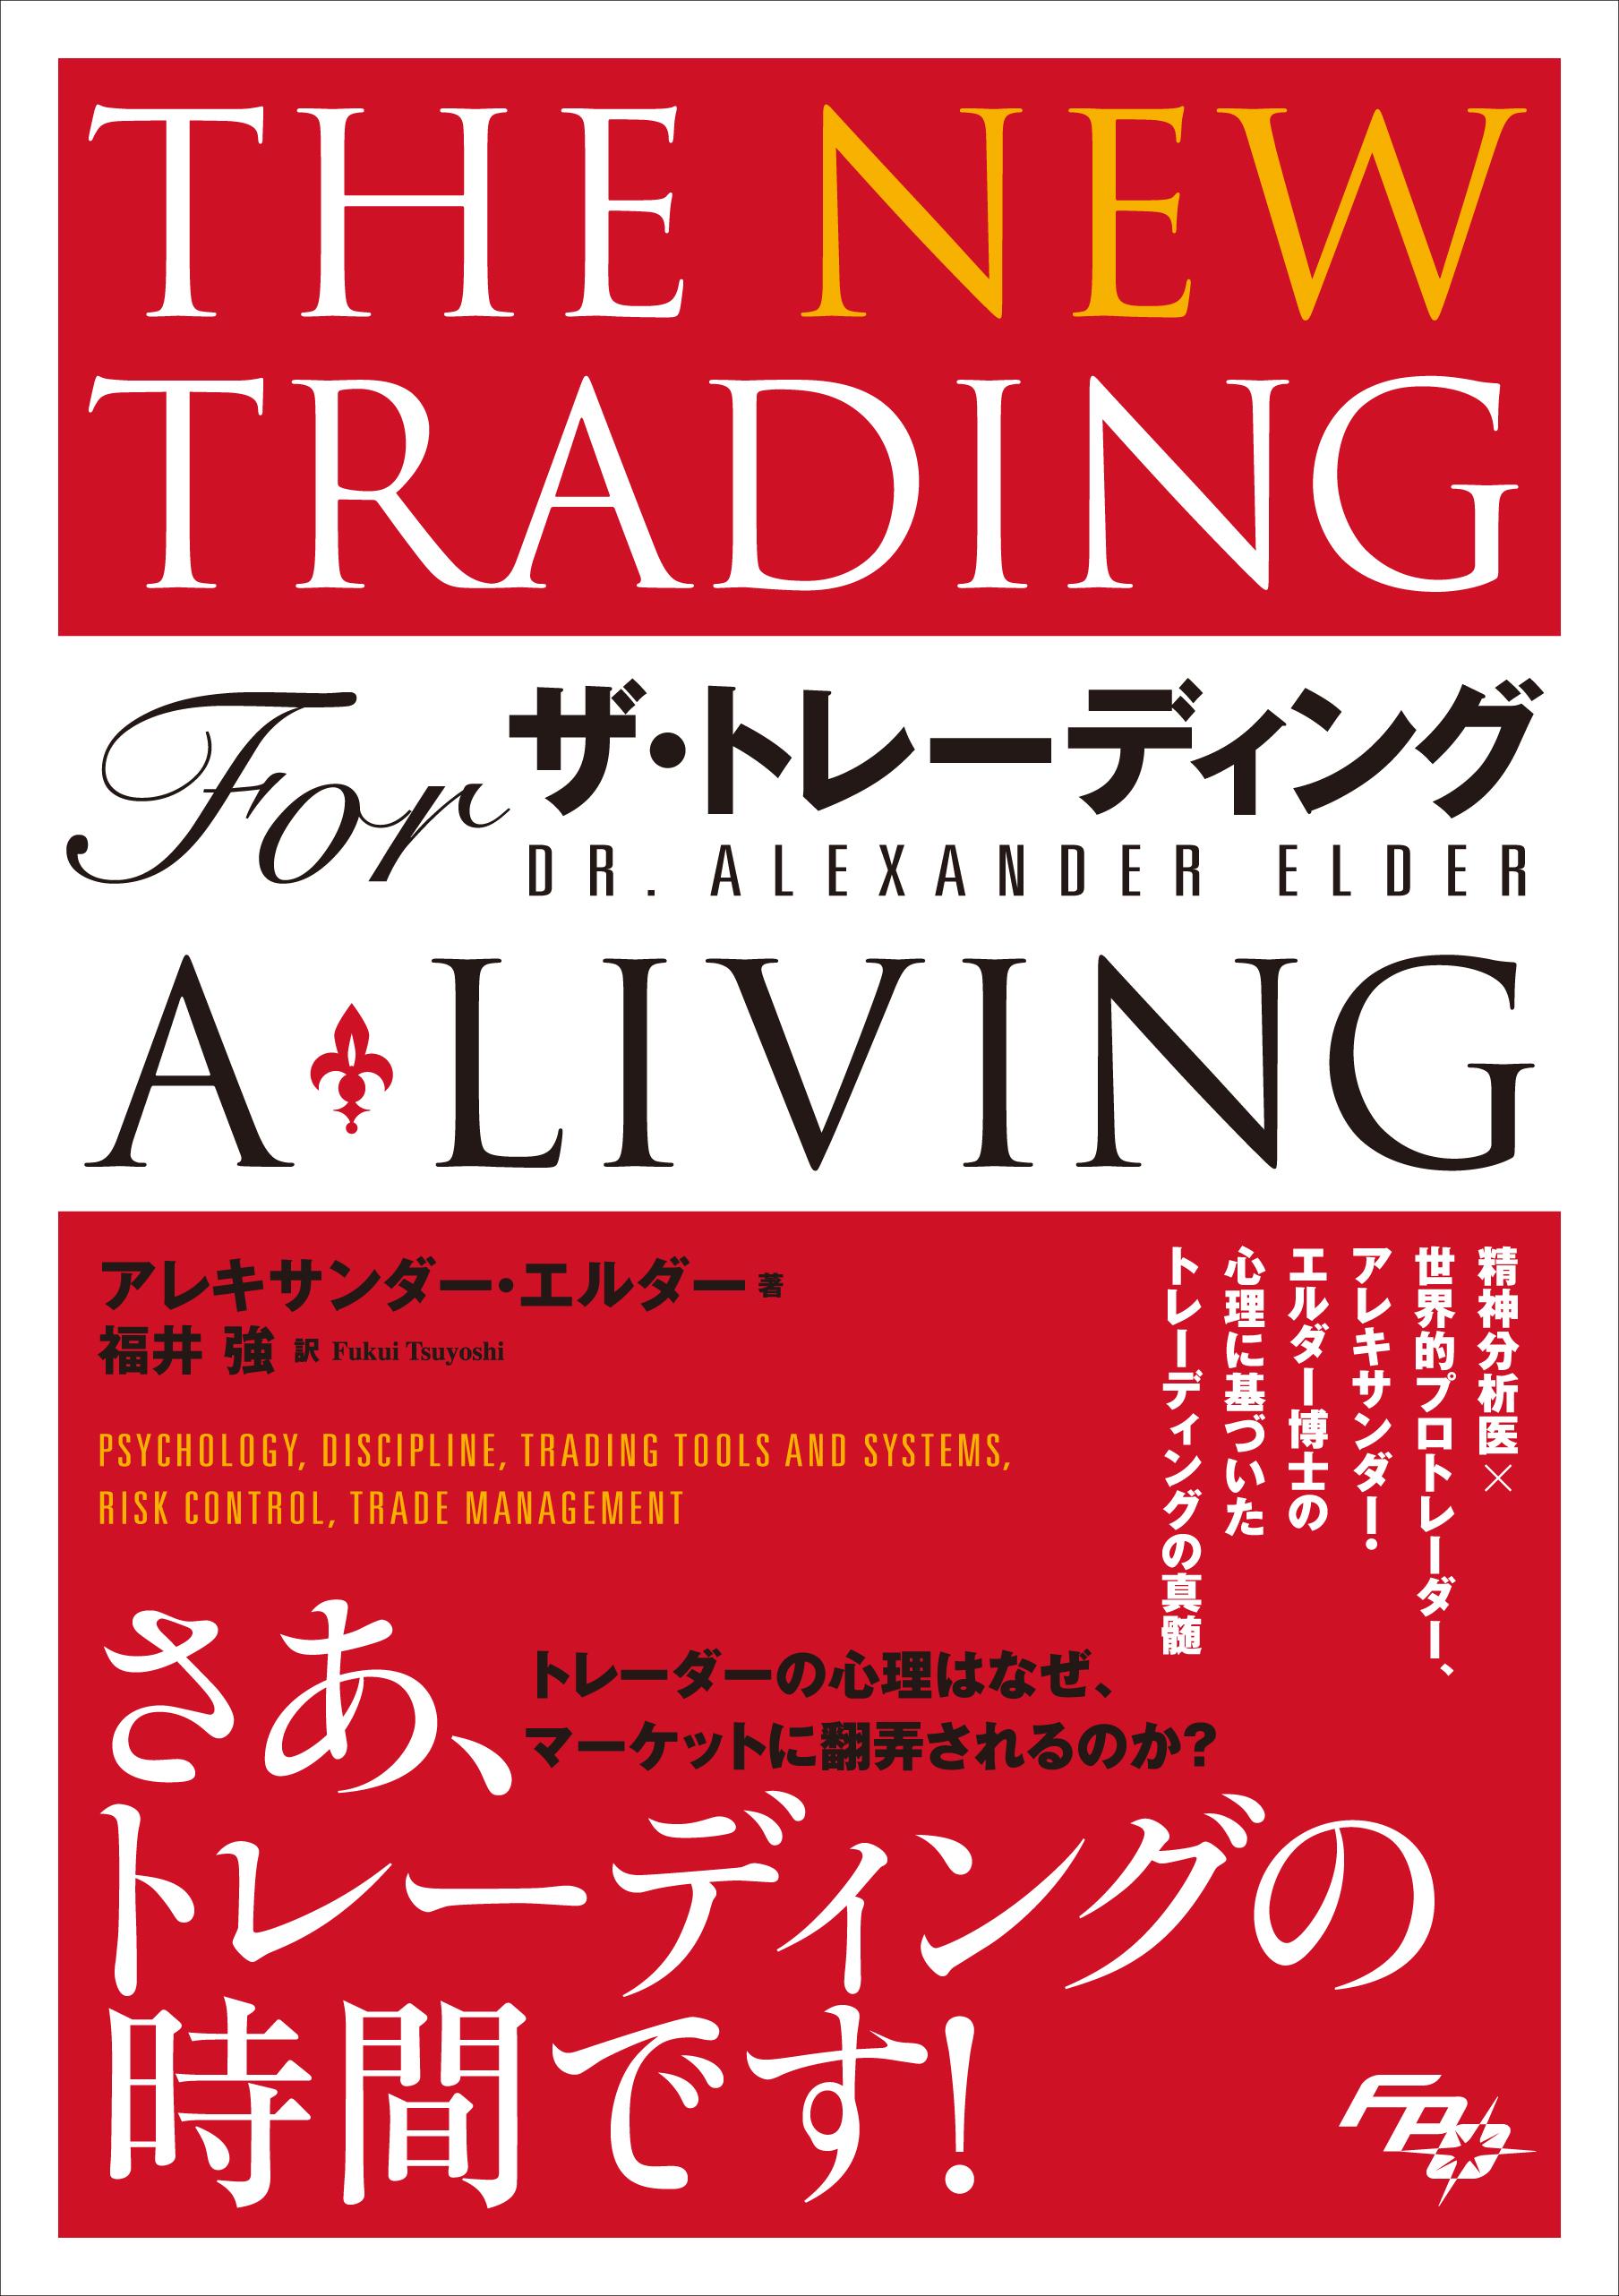 Amazon売れ筋ランキング「証券・金融市場」部門  発売から15週連続TOP10入り! 17カ国語に翻訳された名著の新版『ザ・トレーディング』